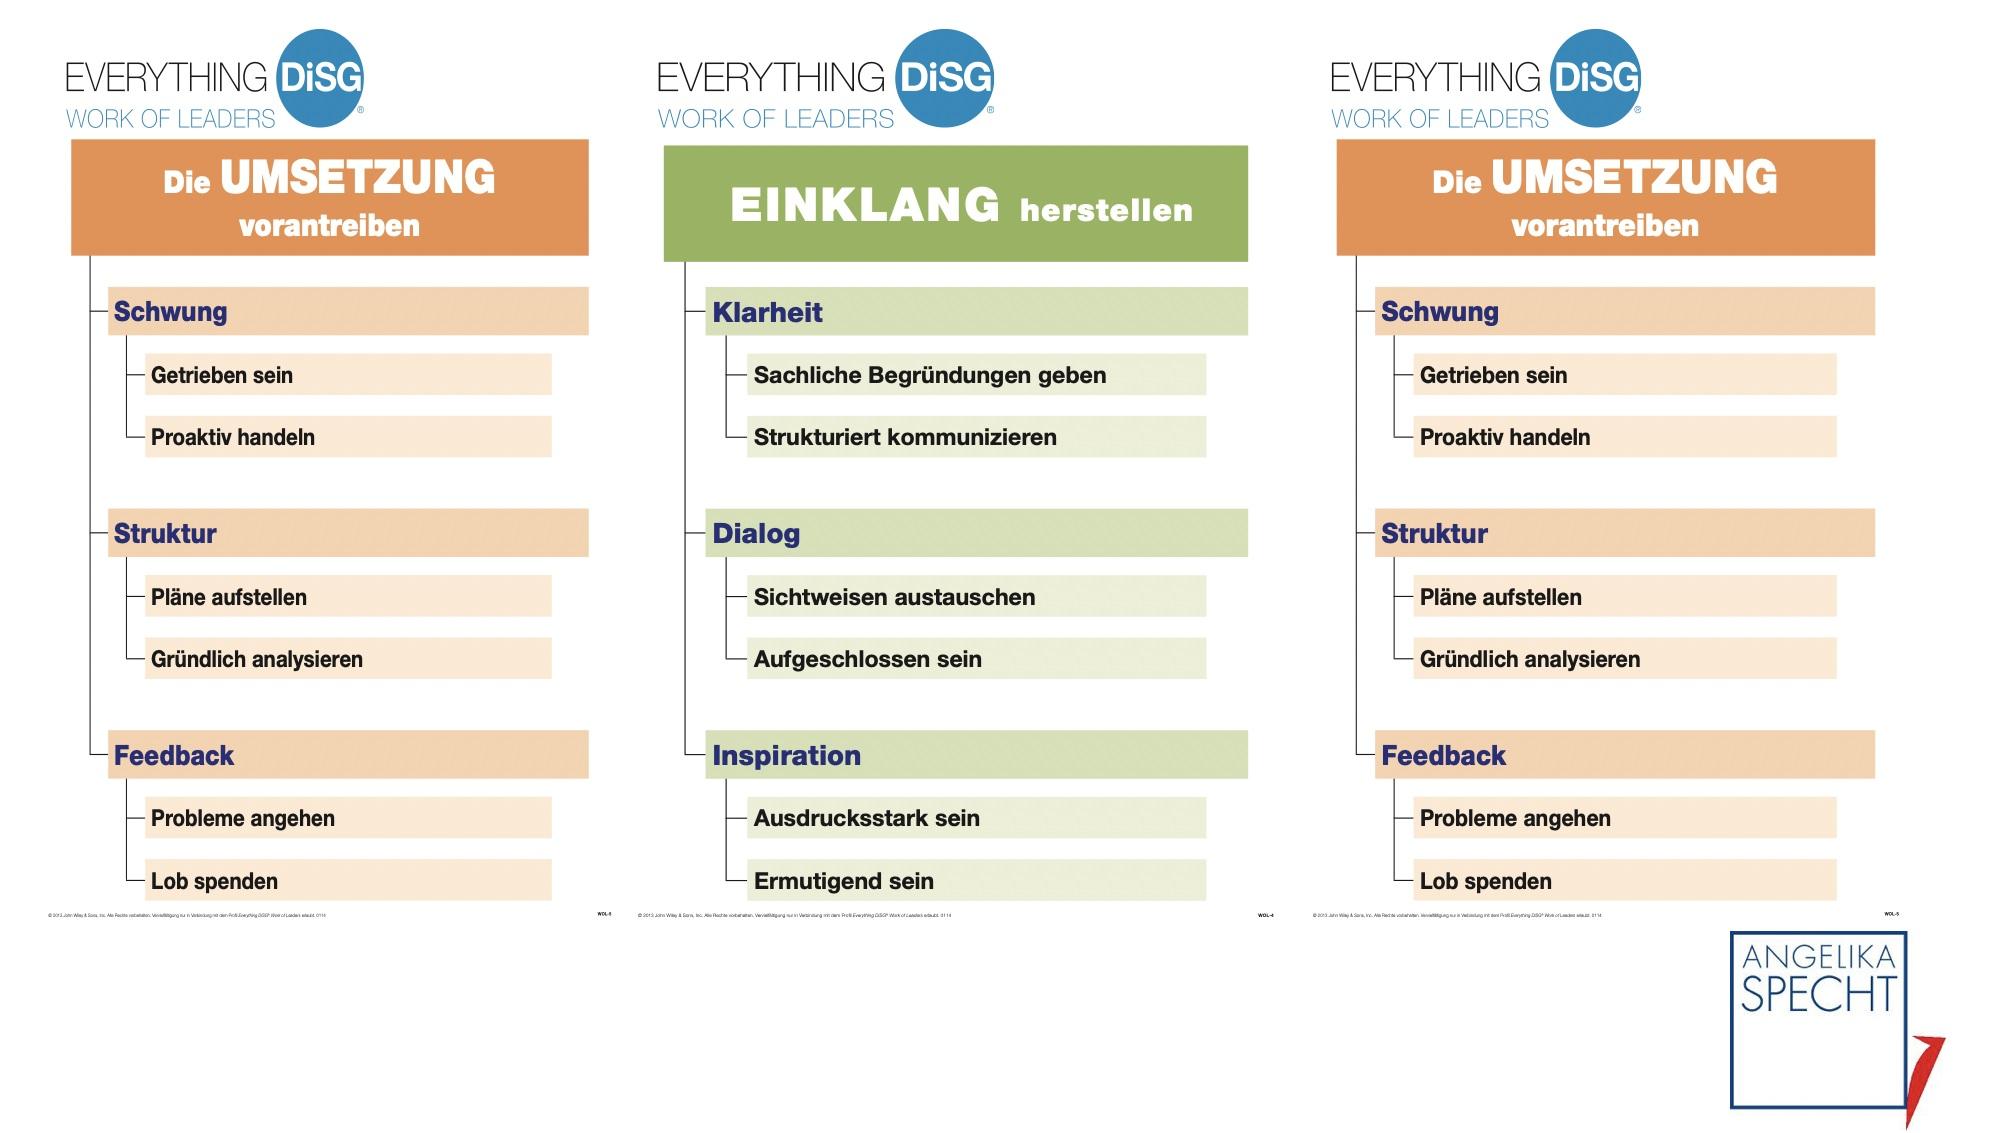 DiSG+Work+of+Leaders.jpg